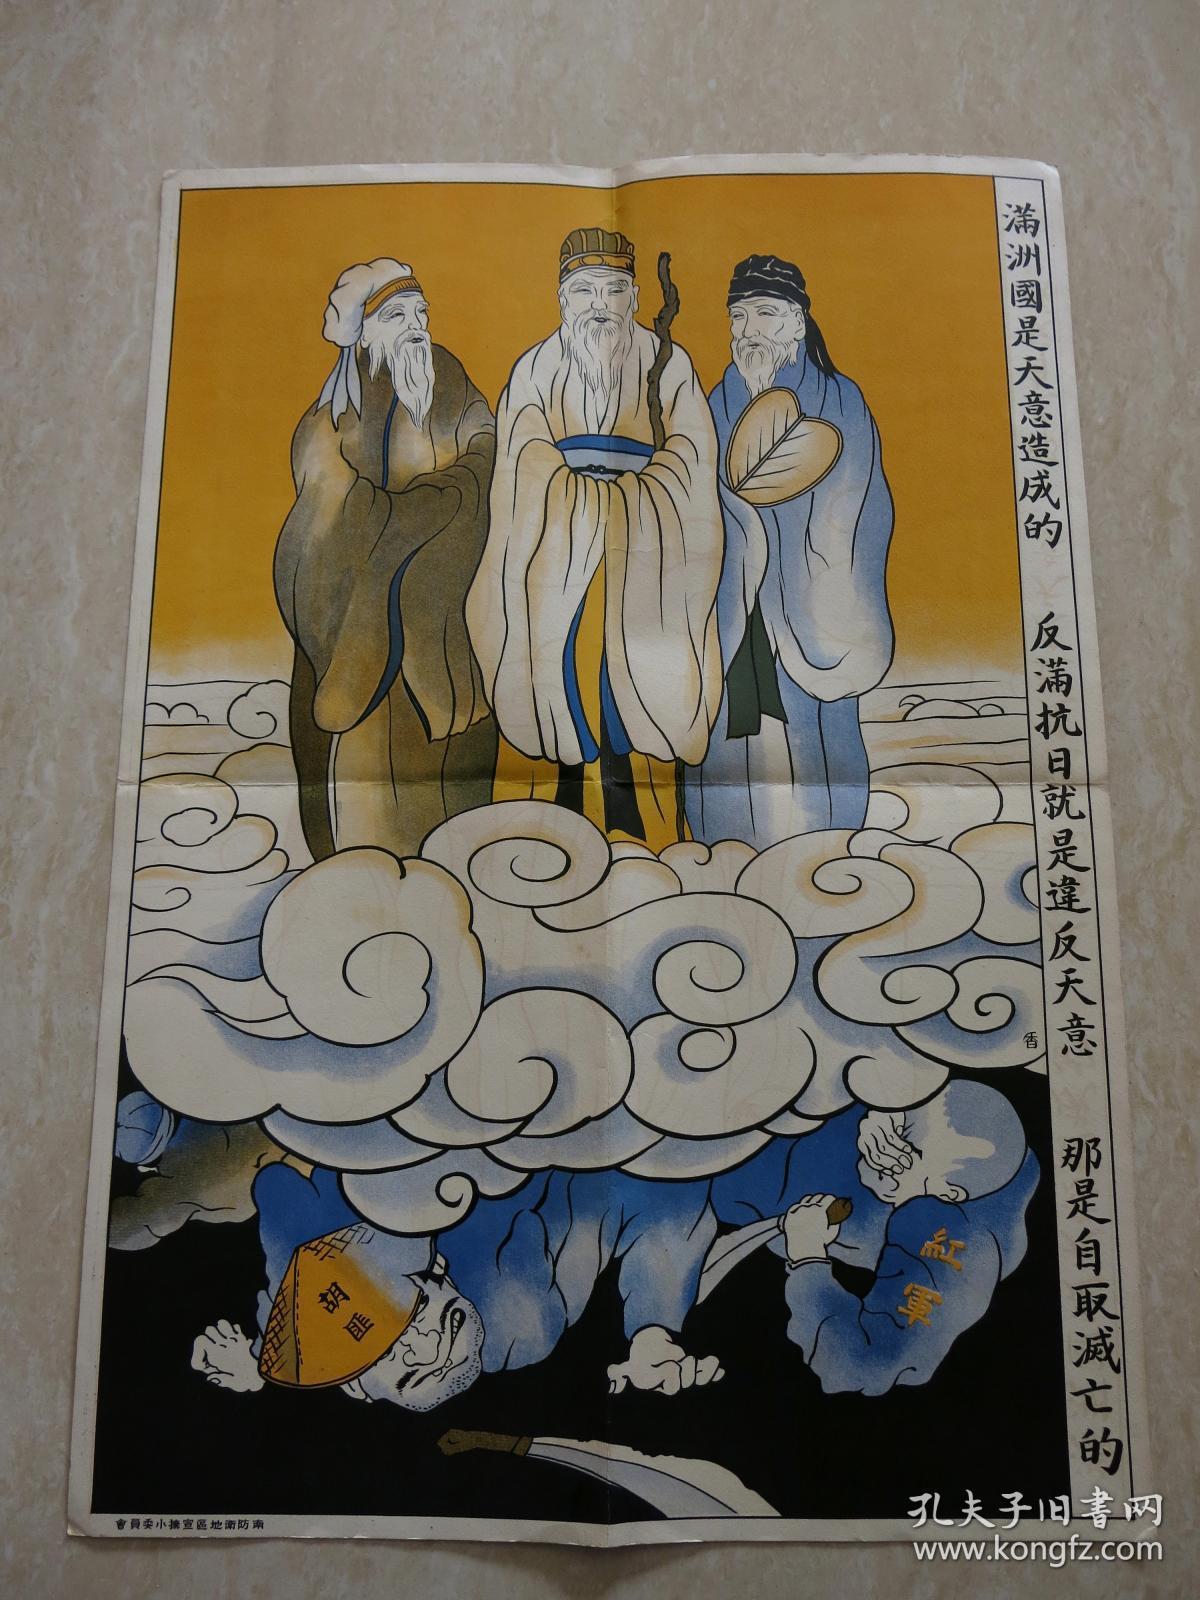 伪满洲国时期宣传画    尺寸55*38.5厘米